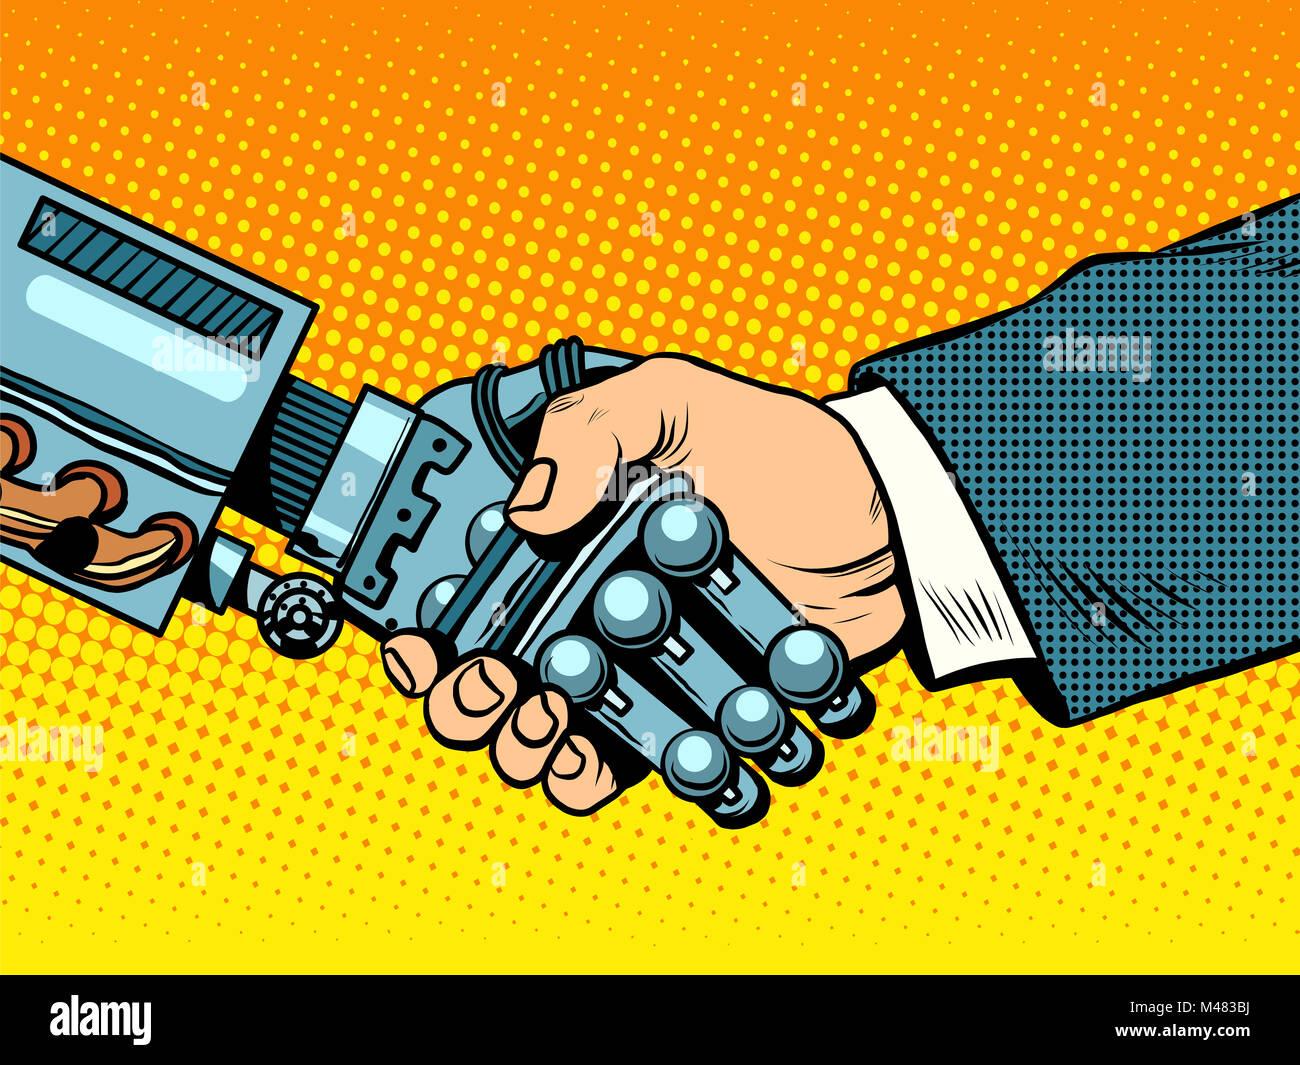 Stretta di mano del robot e l'uomo. Nuove tecnologie evoluzione Immagini Stock